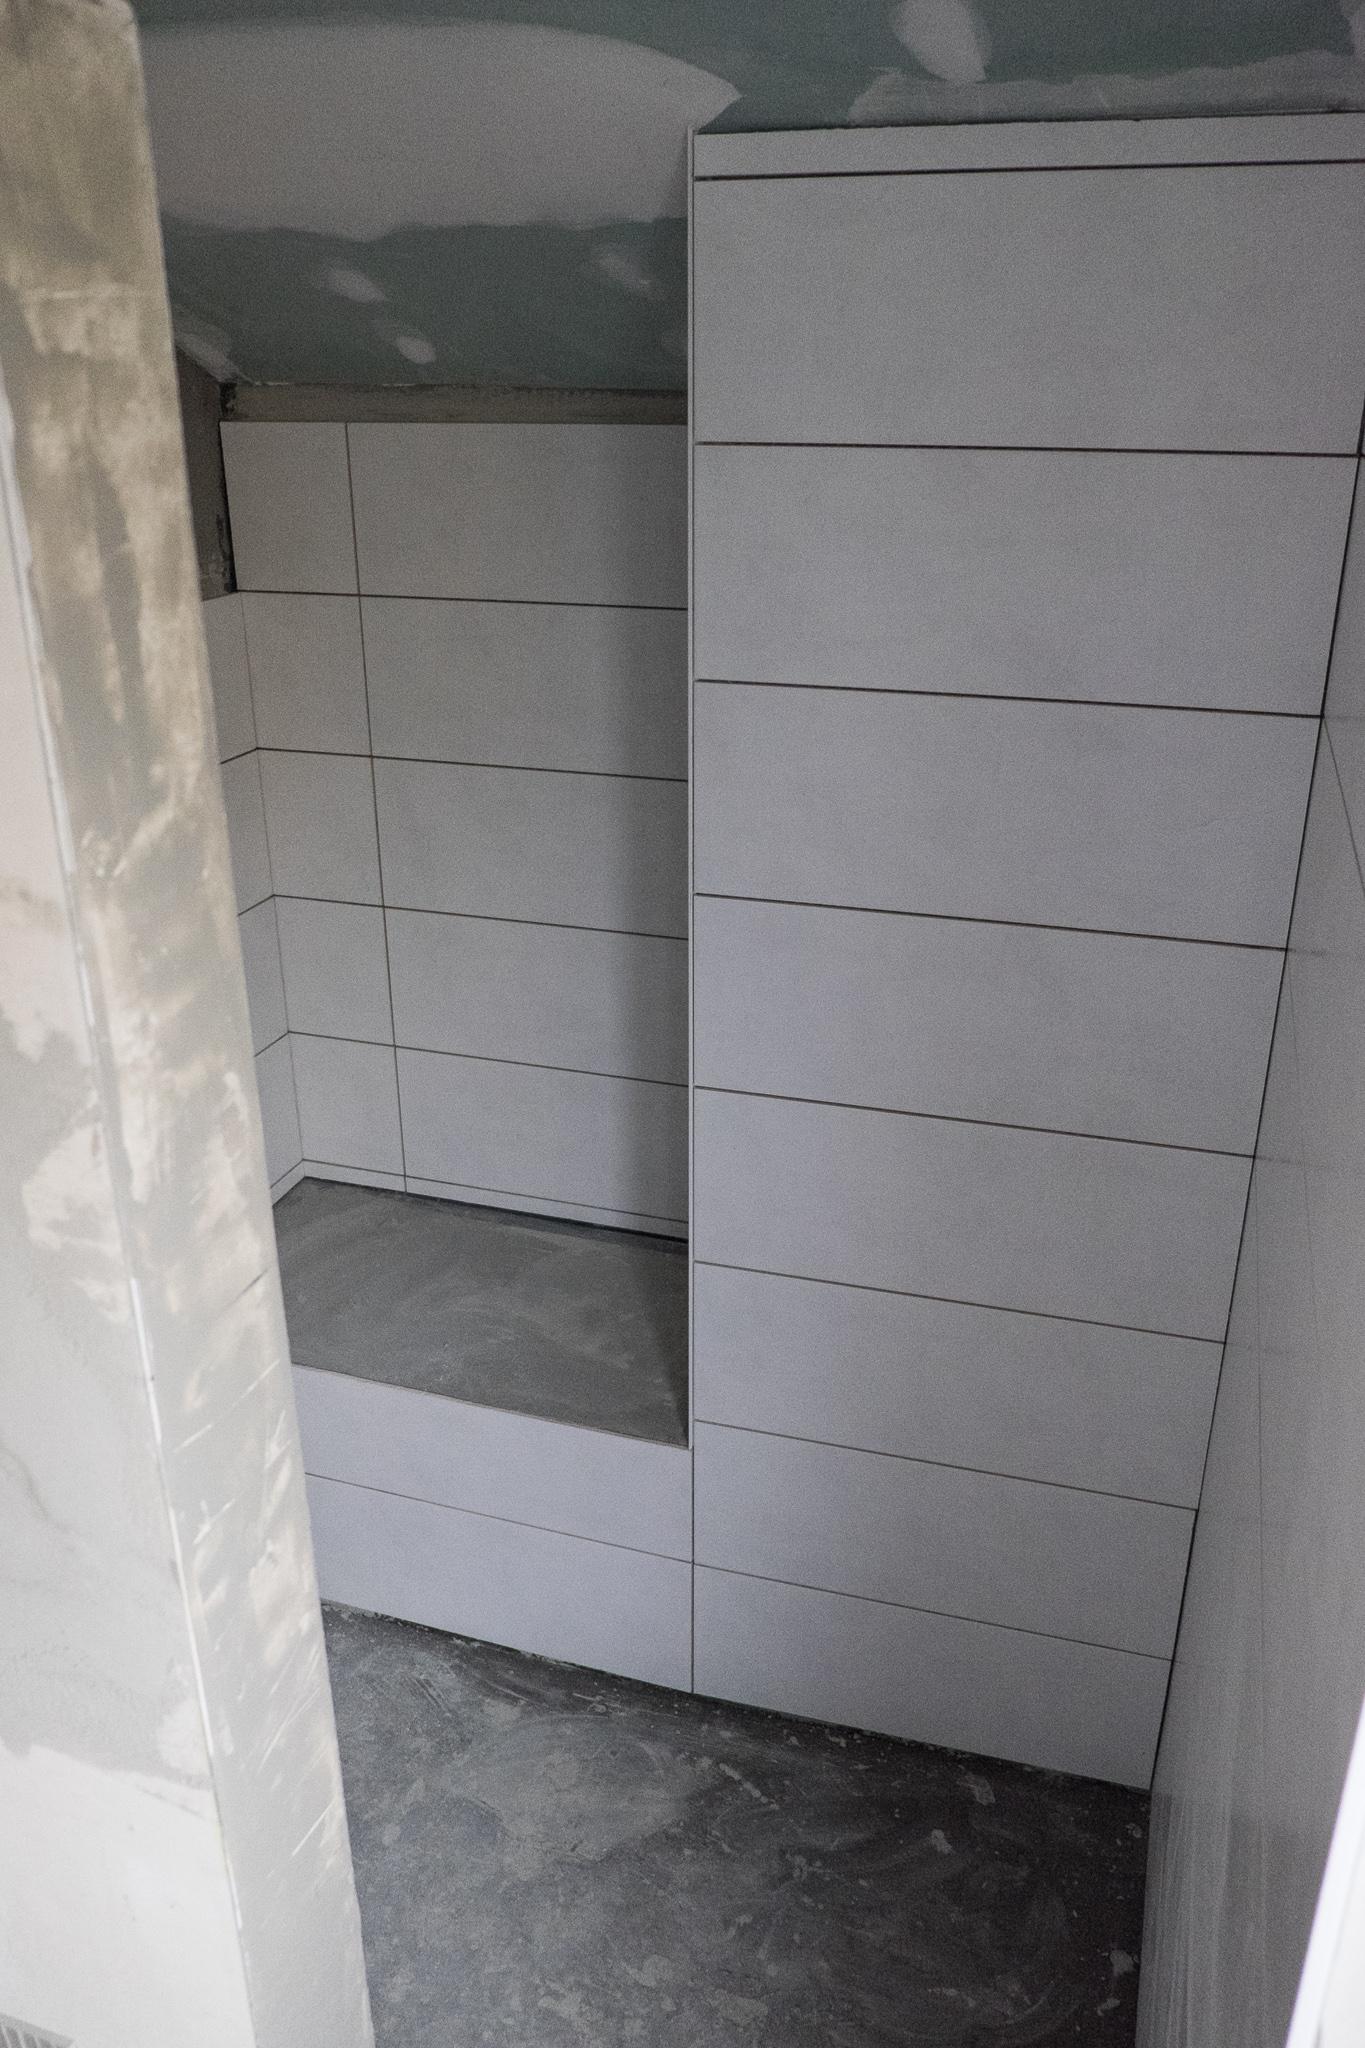 Fliesenarbeiten teil 2 ein haus f r den zwerg for Bilder badezimmergestaltung